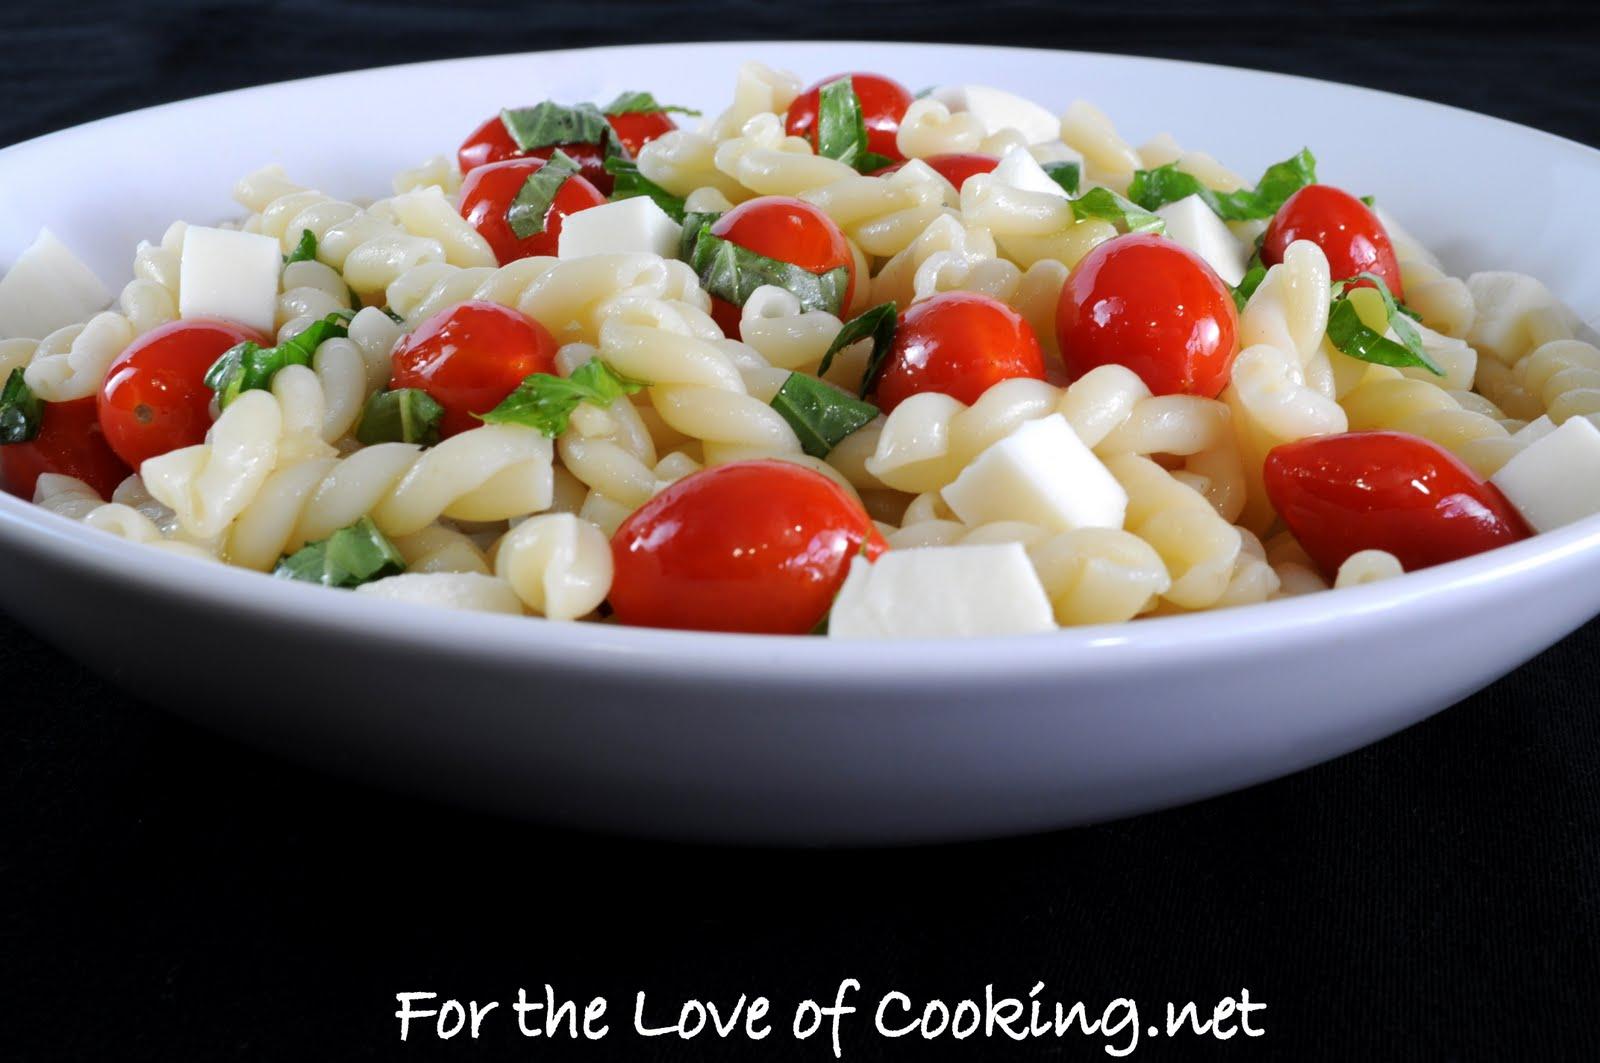 Balsamic vinegar recipes pasta